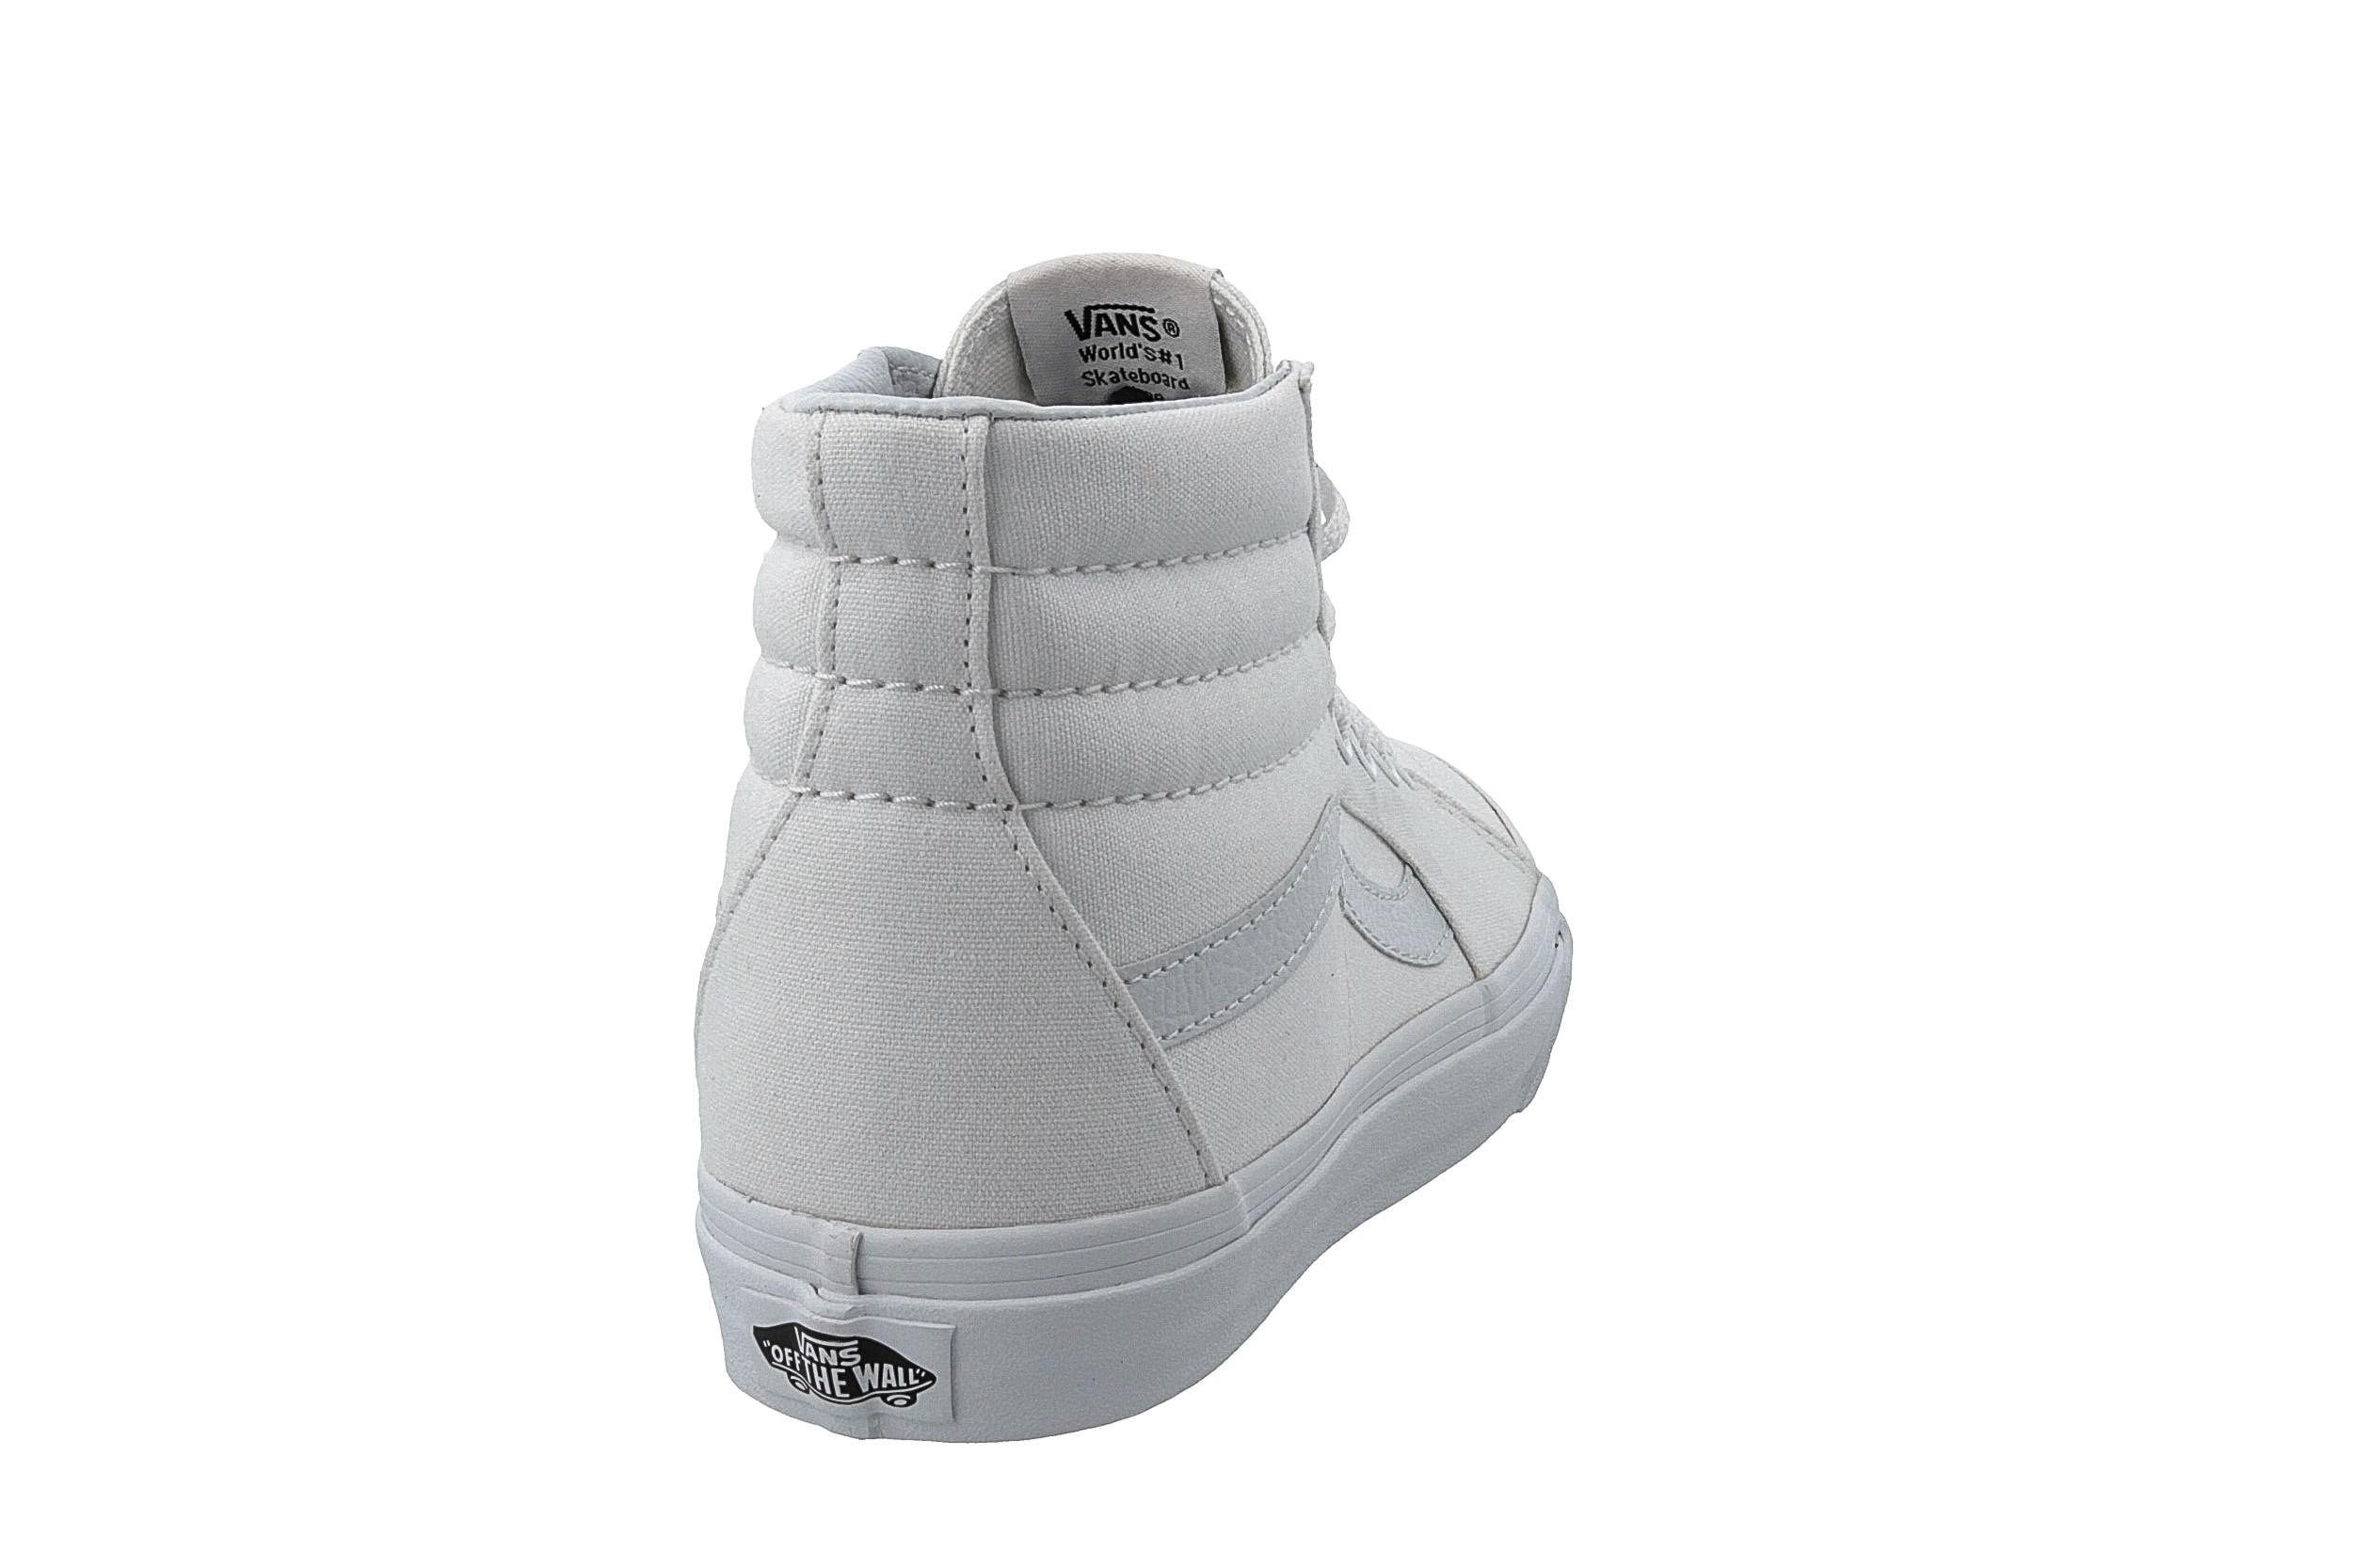 Vans Damen Schuhe Bestellen, Vans I Heart Vans Sk8 Hi Damen